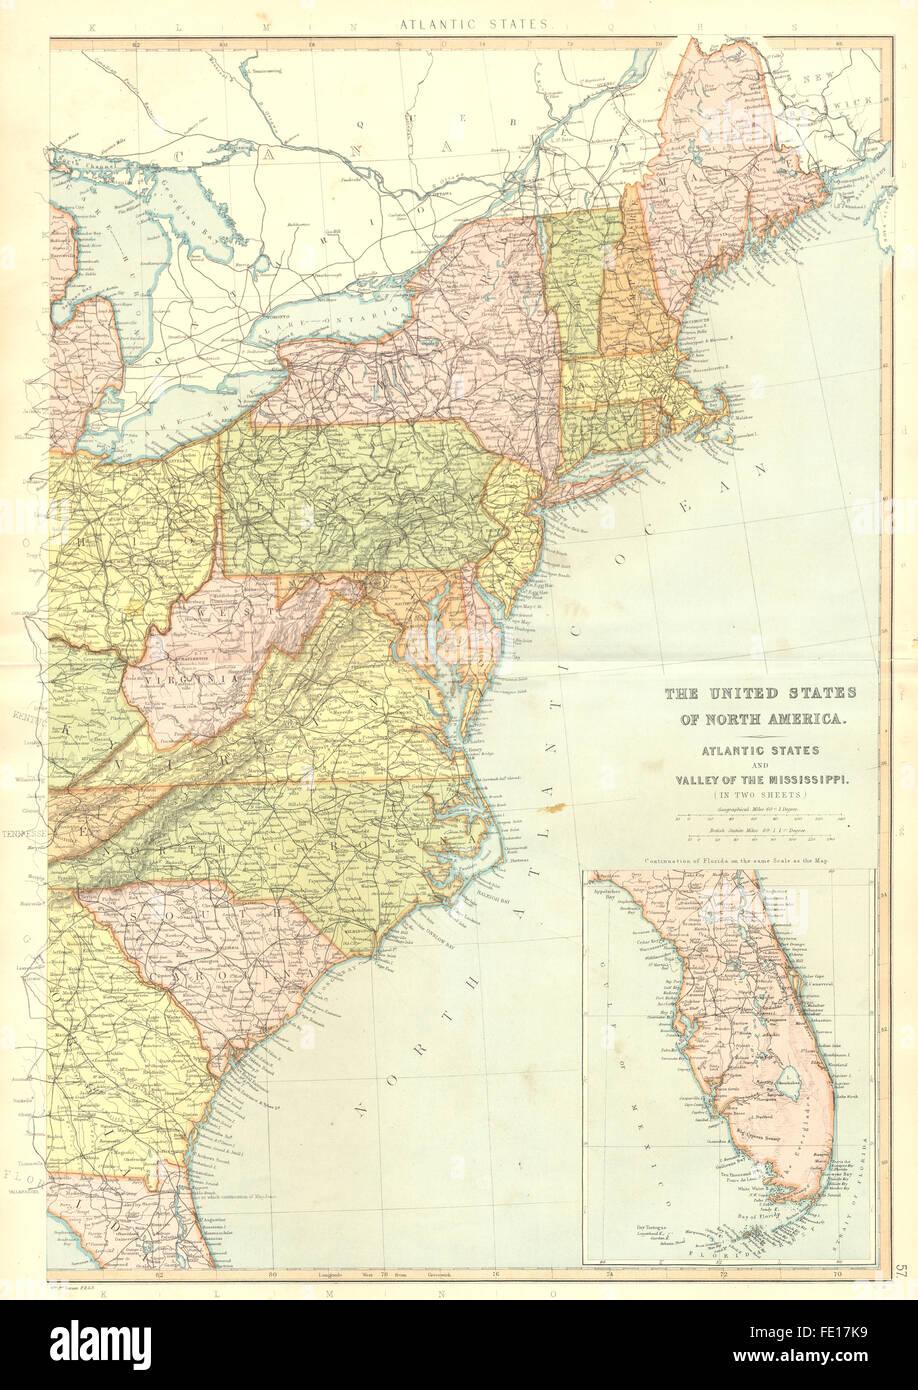 Map Of America Eastern Seaboard.Usa Eastern Seaboard Fl Nc Sc Ny Nj Va Ct De Md Pa Wv Blackie